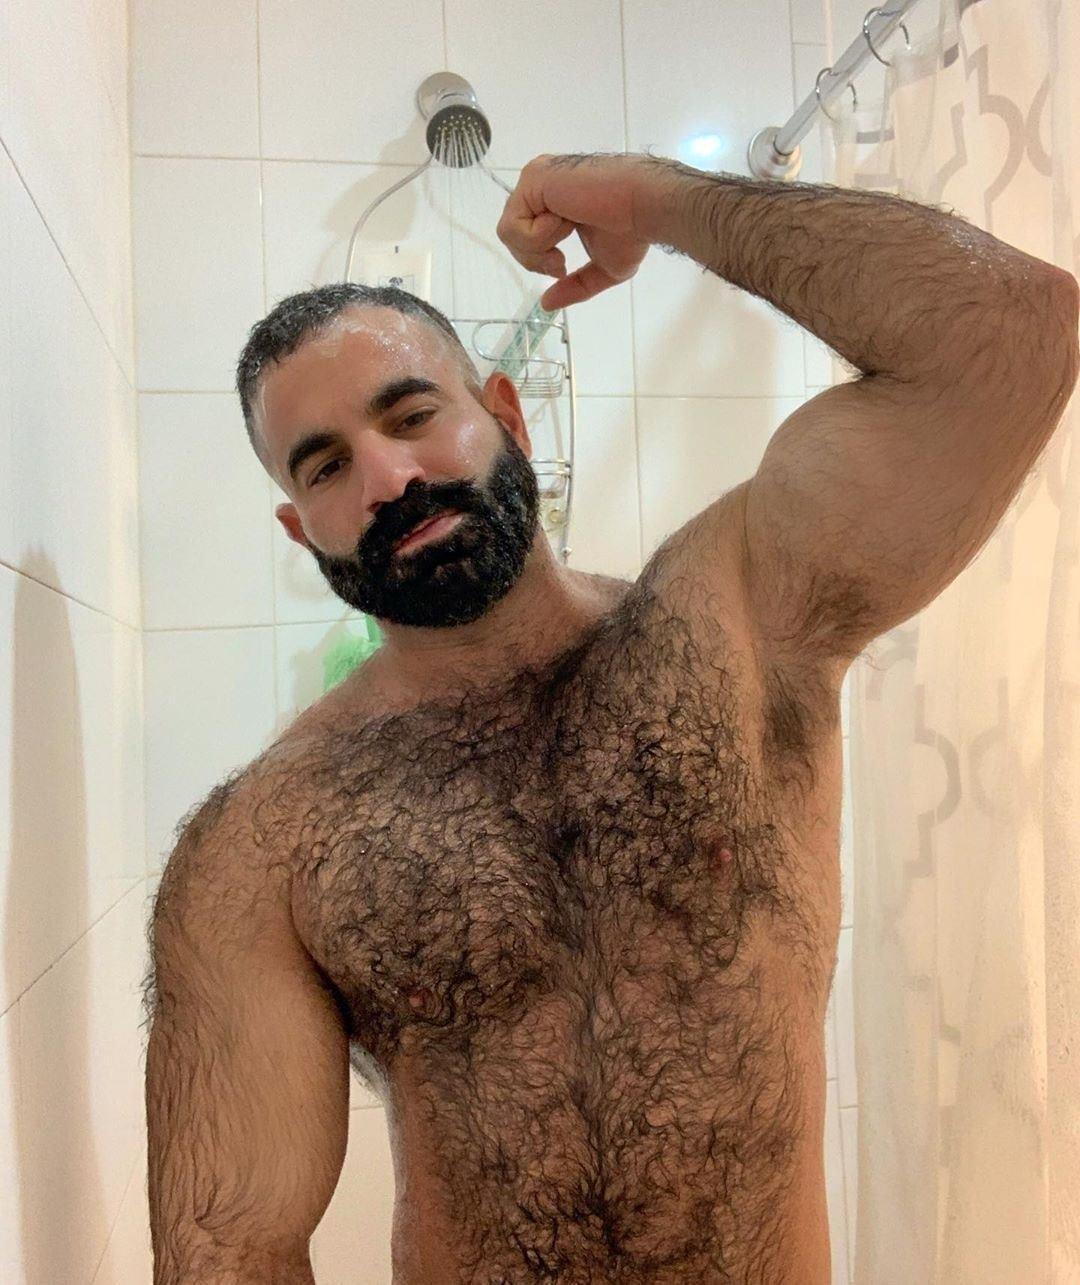 médico en la ducha